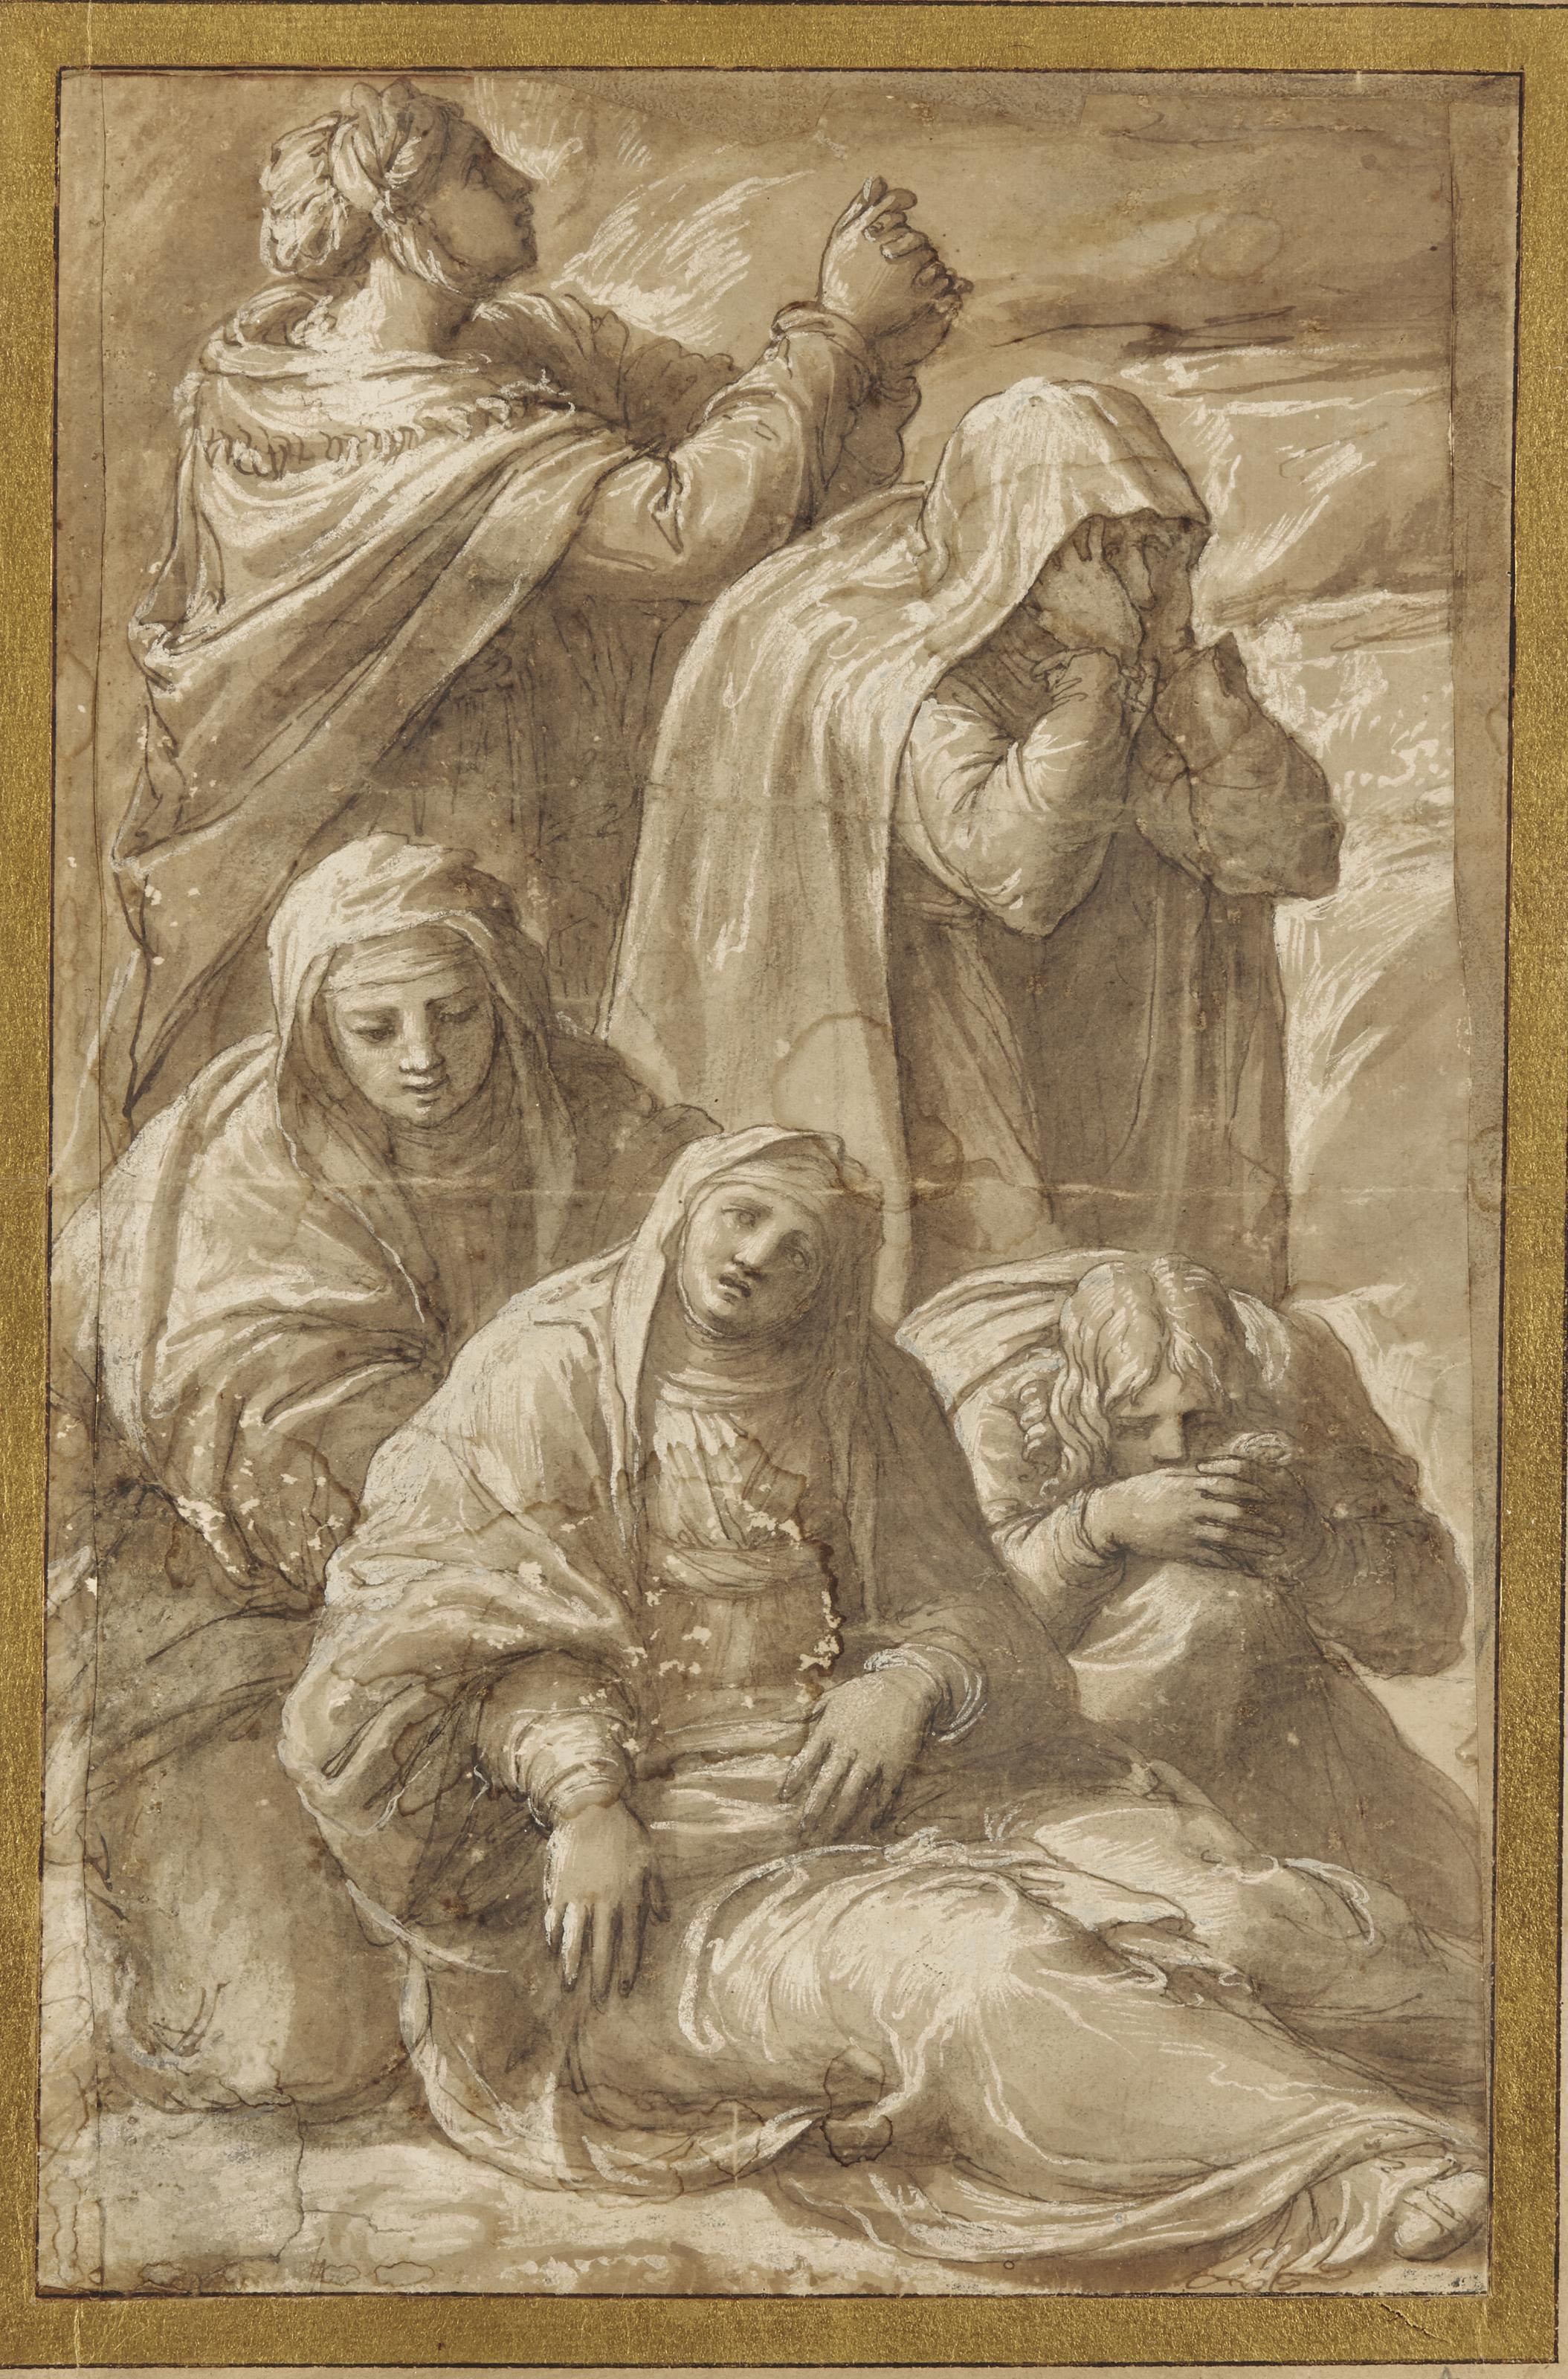 La Vierge en pâmoison secourue par les saintes femmes